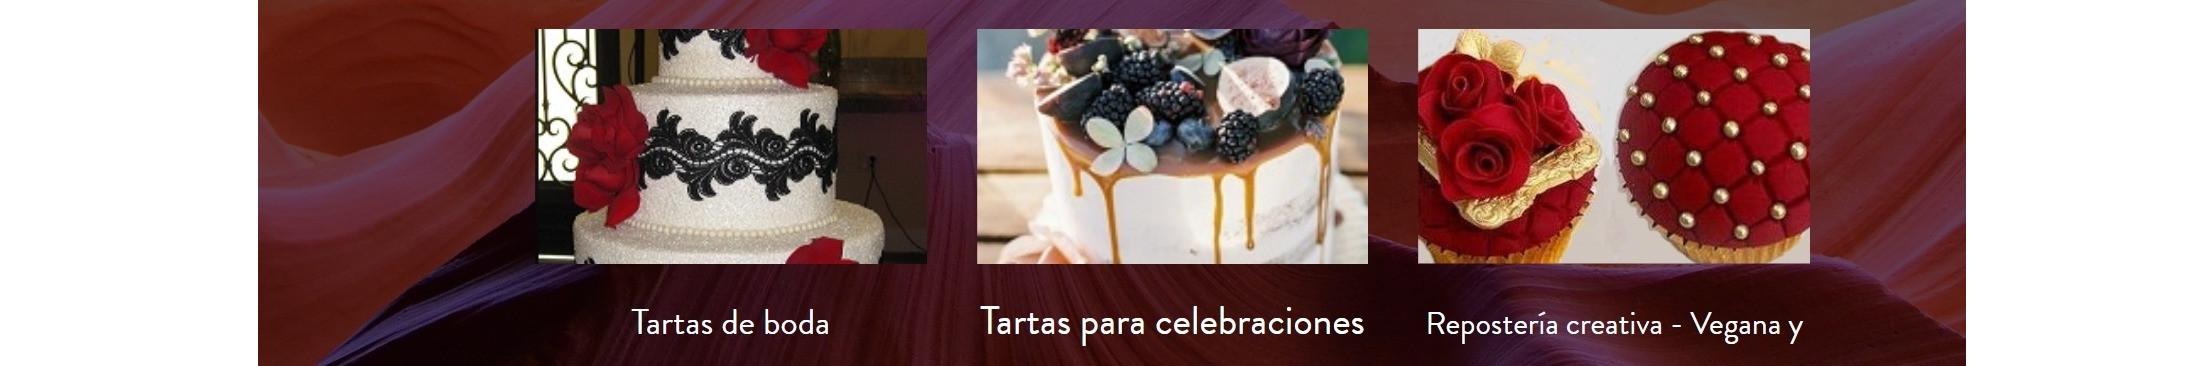 María Tartas - Repostería